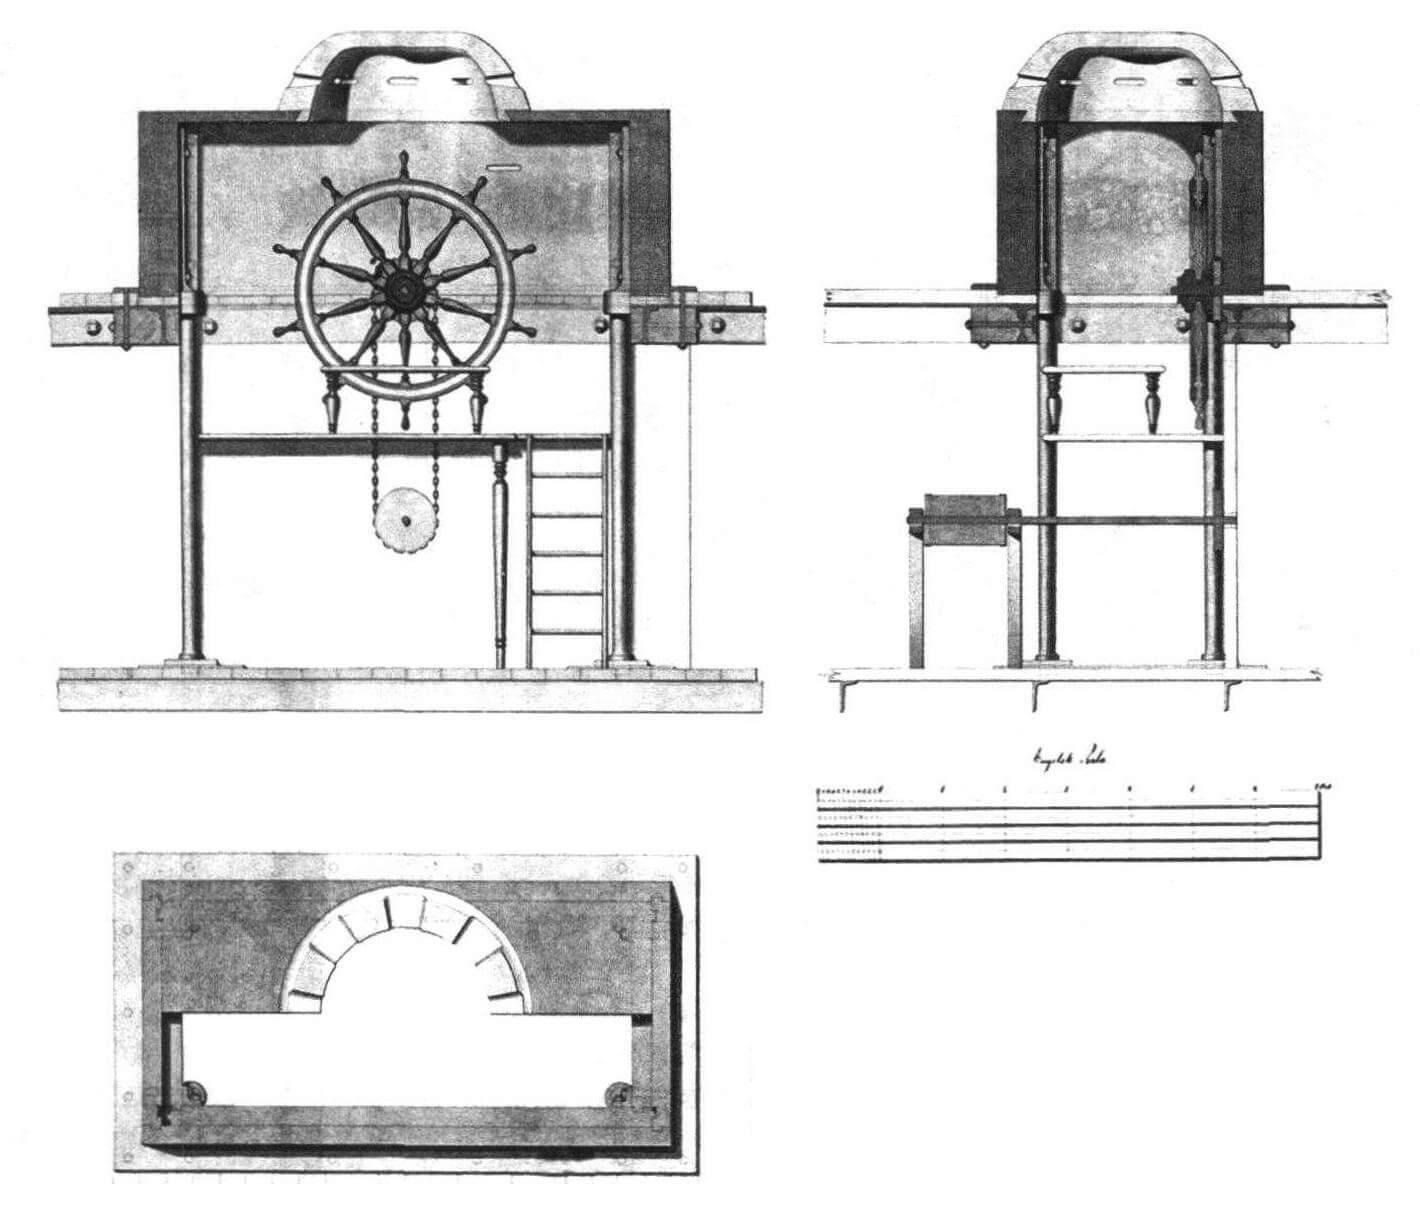 Боевая рубка броненосной батареи «Рольф Краке» (копия подлинного чертежа). В ходе нескольких боев с неприятельскими батареями броневая защита корабля успешно выдержала множество попаданий